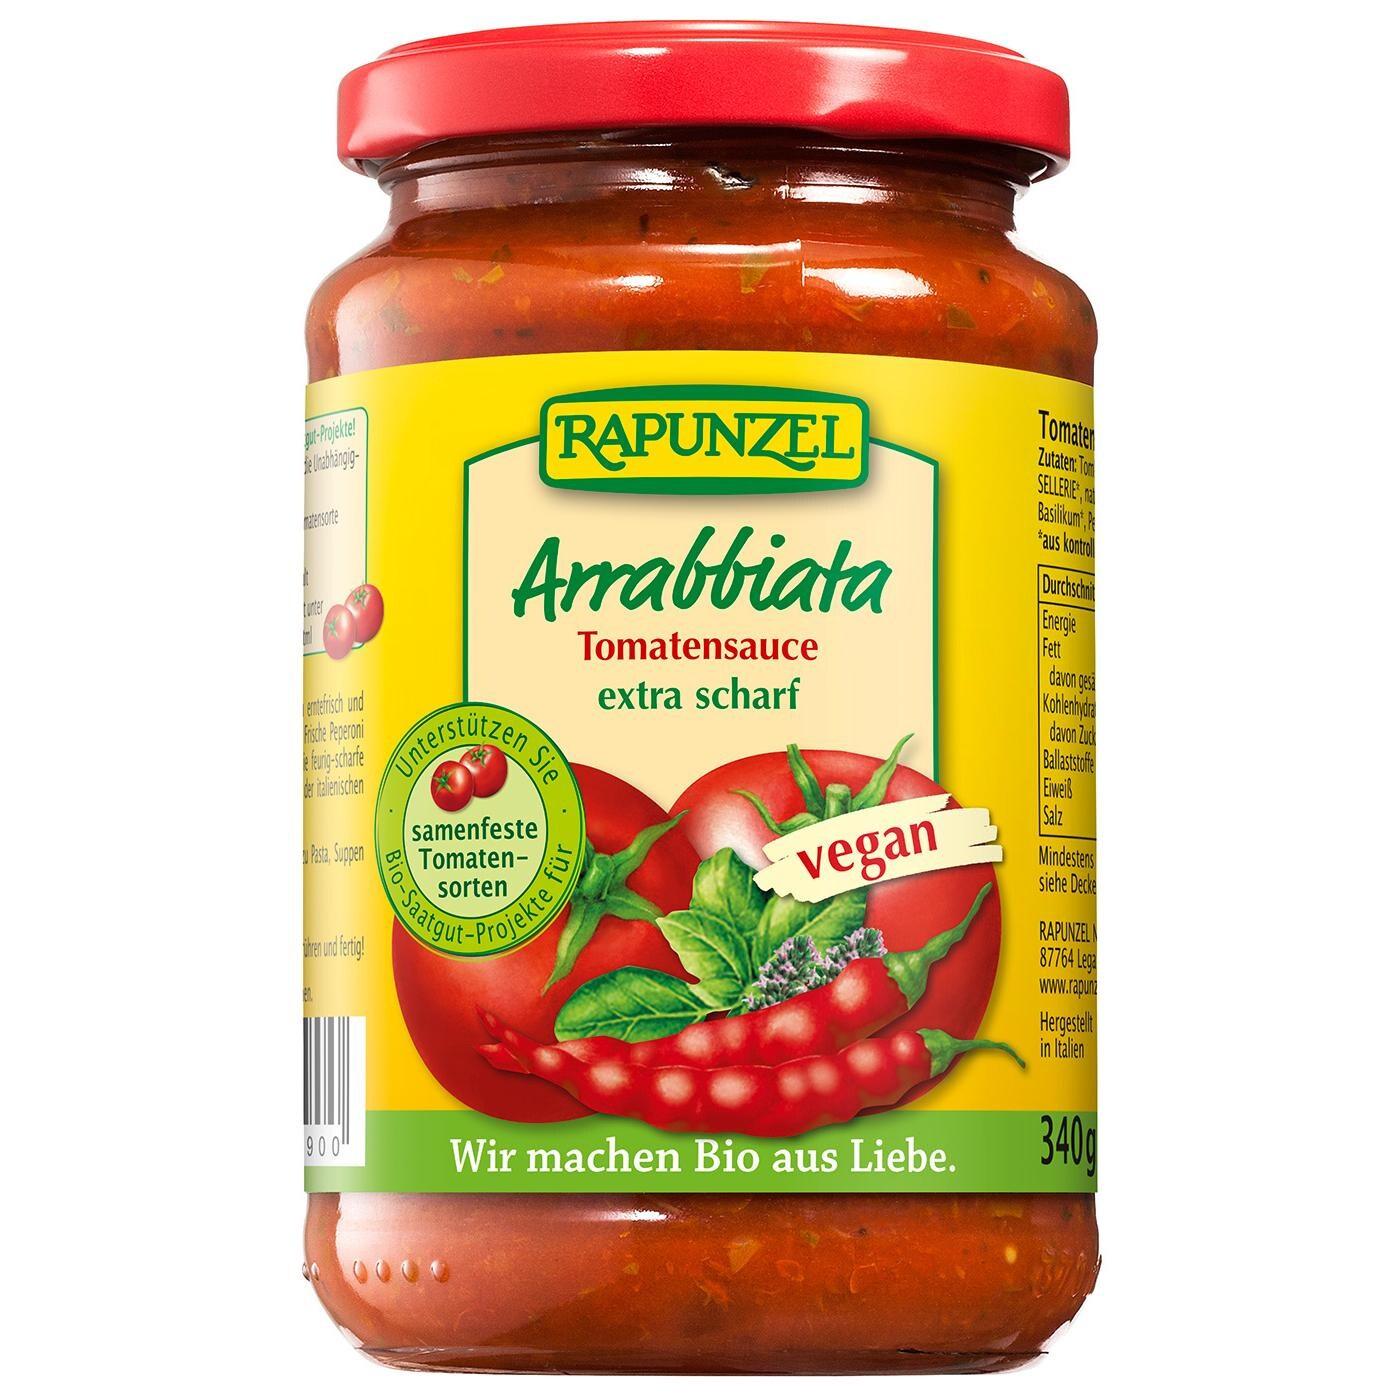 Rapunzel Bio Tomatensauce Arrabbiata 335ml